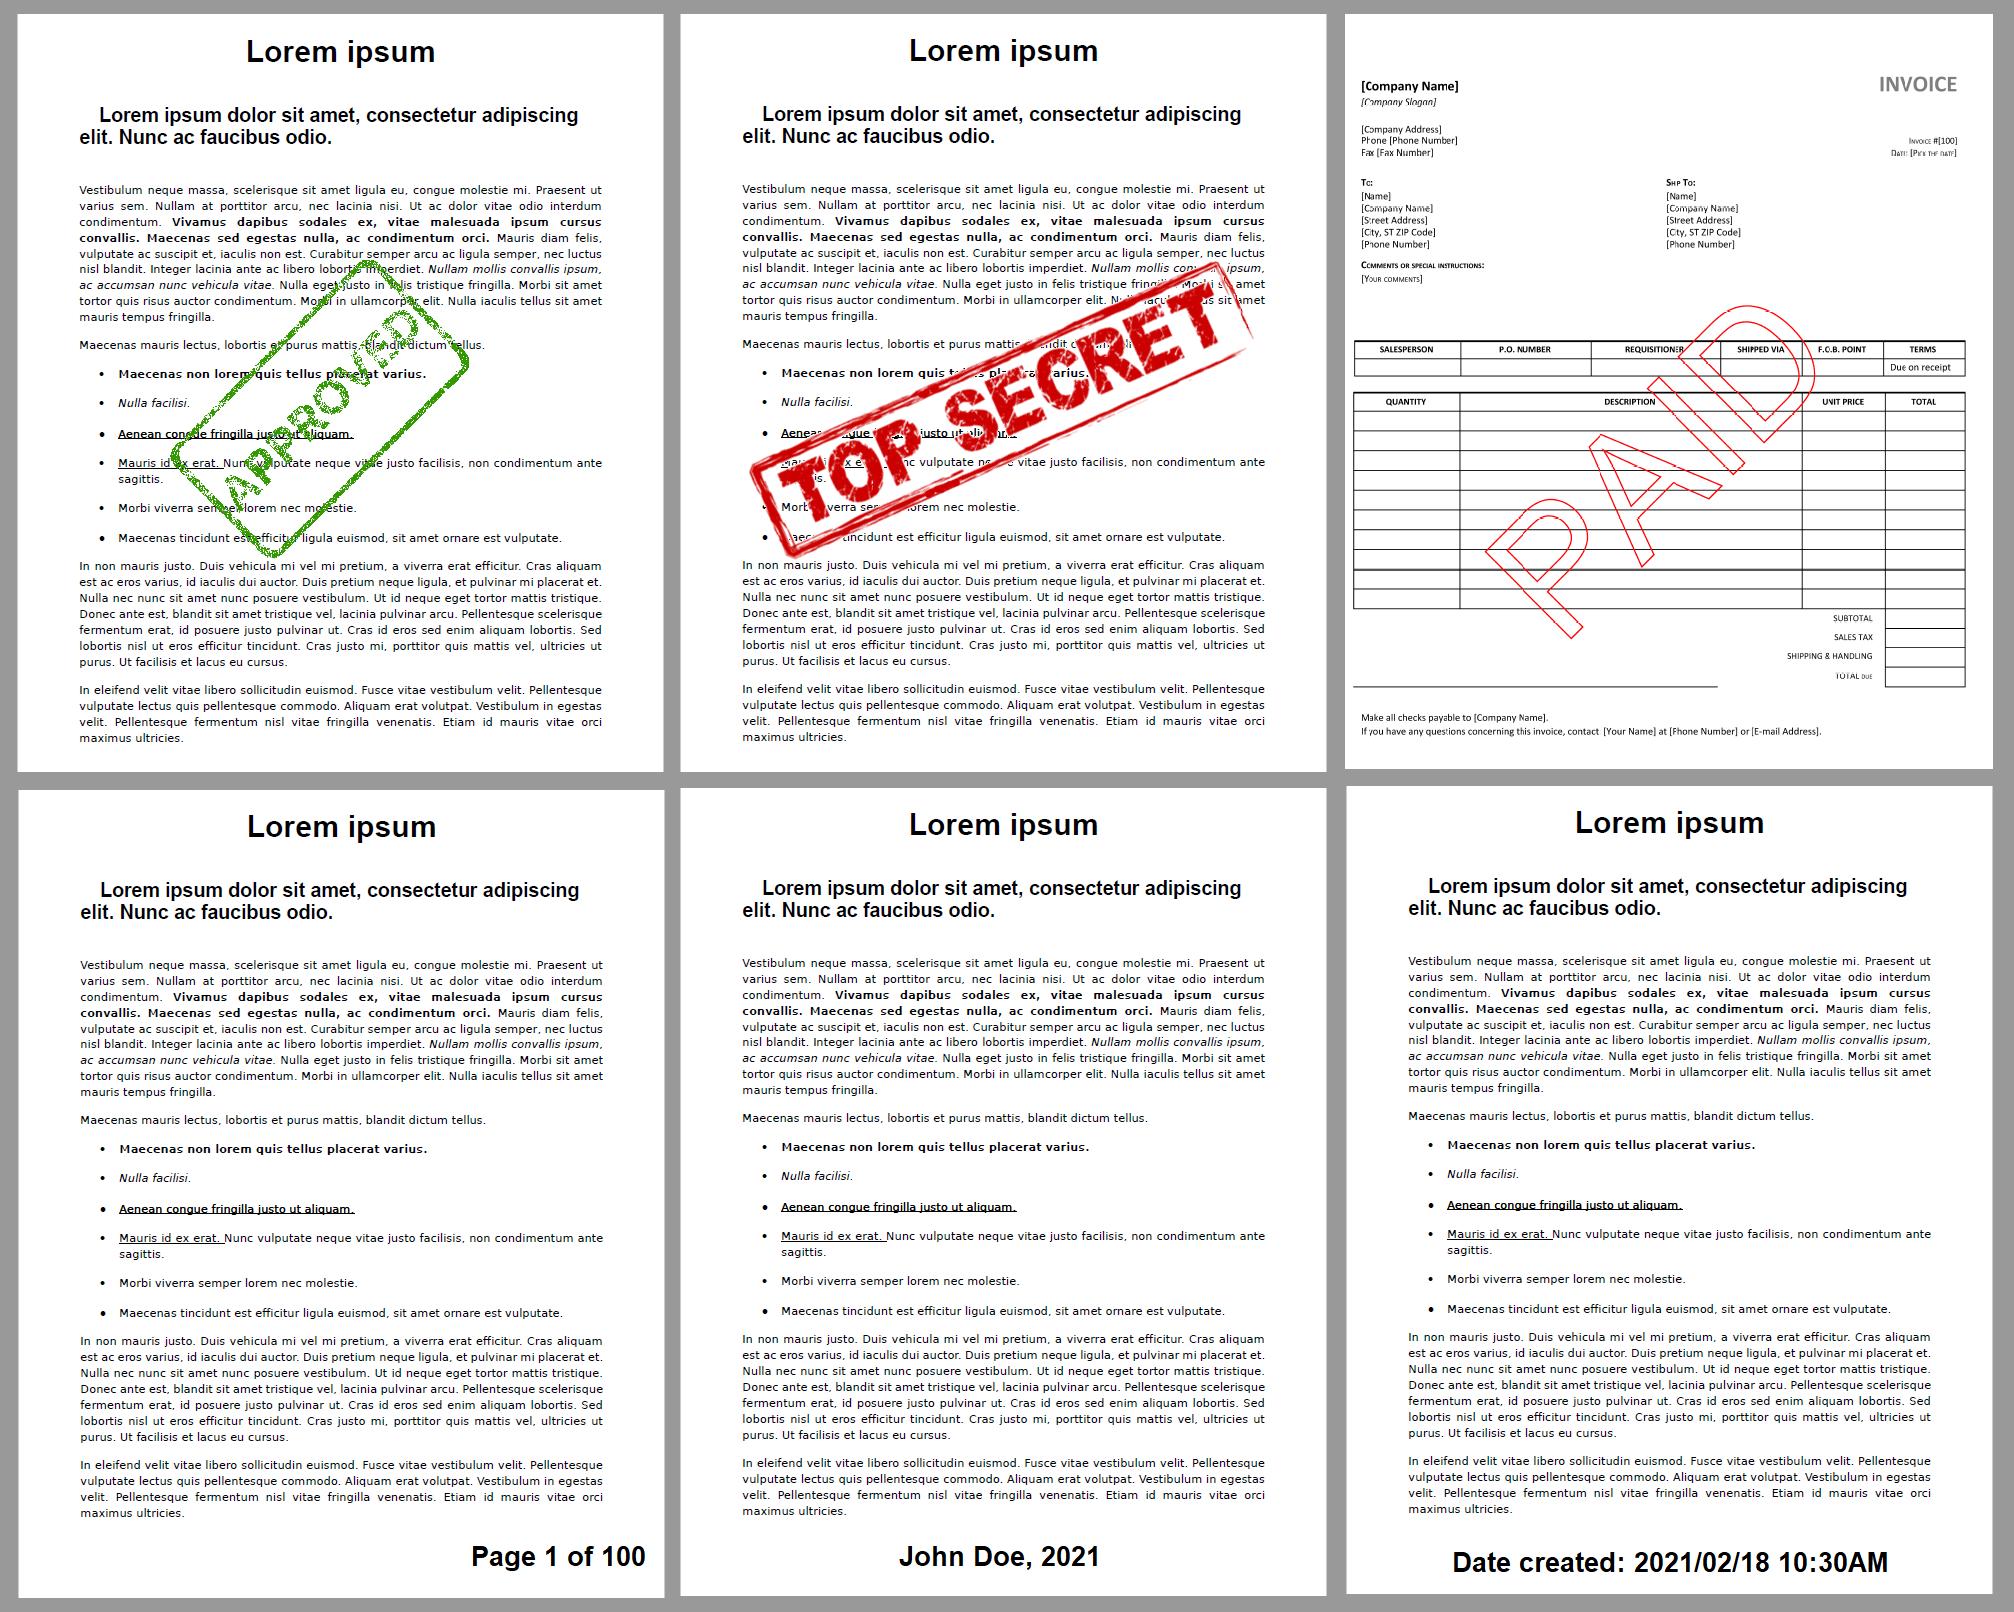 PDF Watermark Examples